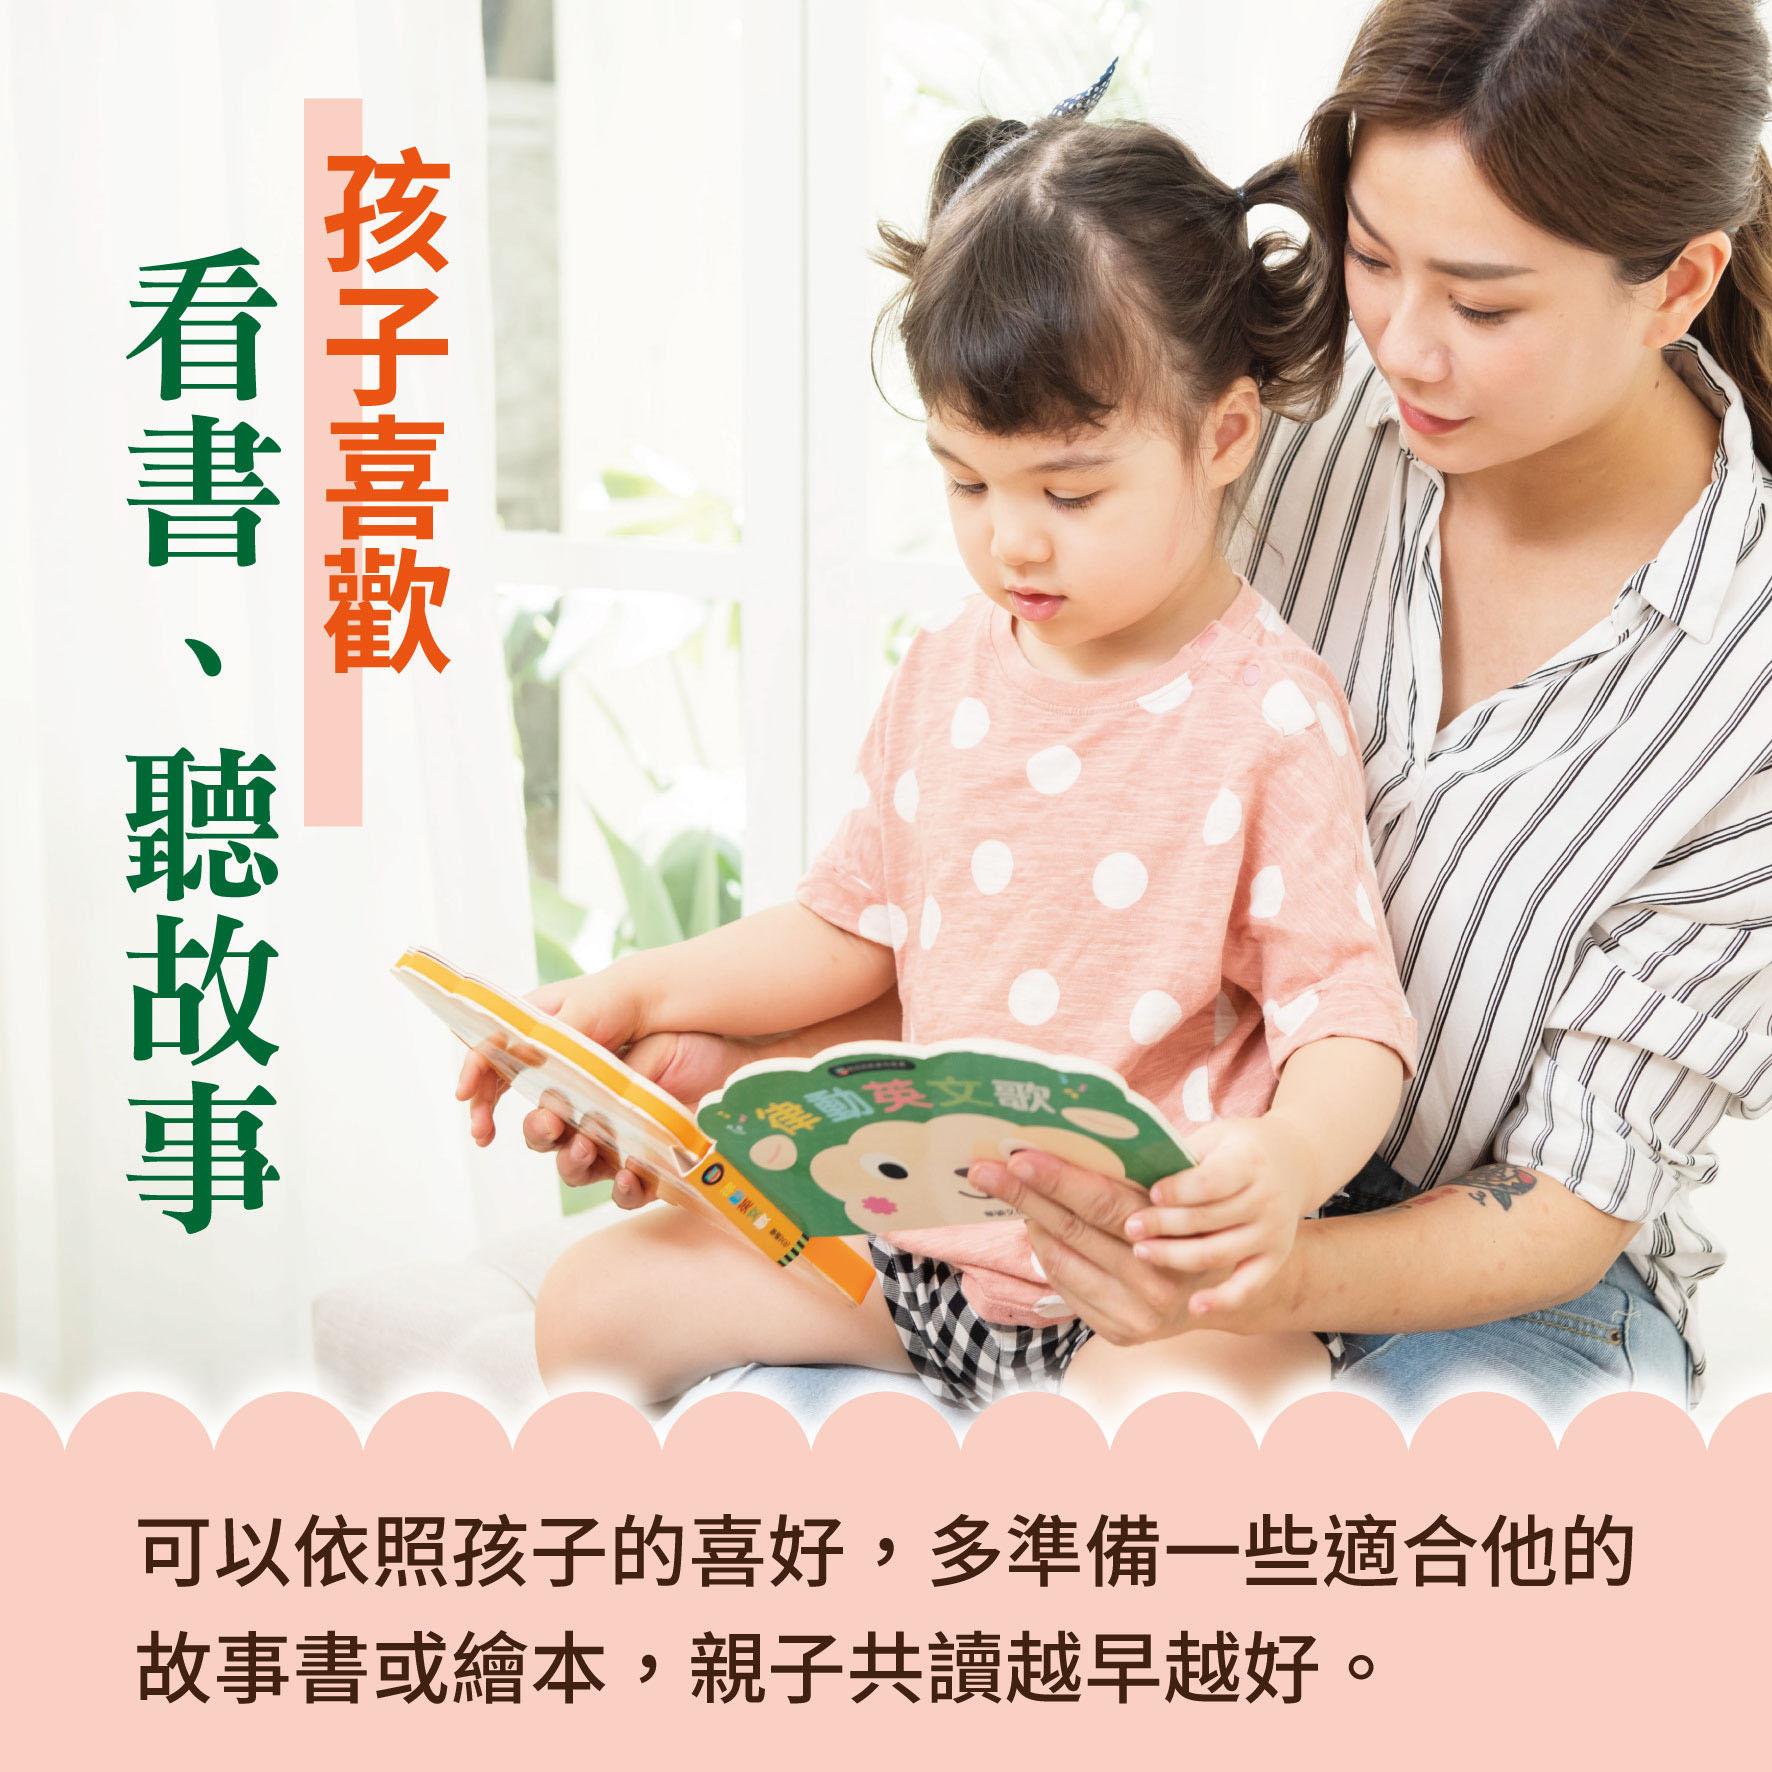 幼兒2歲(第20週)孩子喜歡看書、聽故事